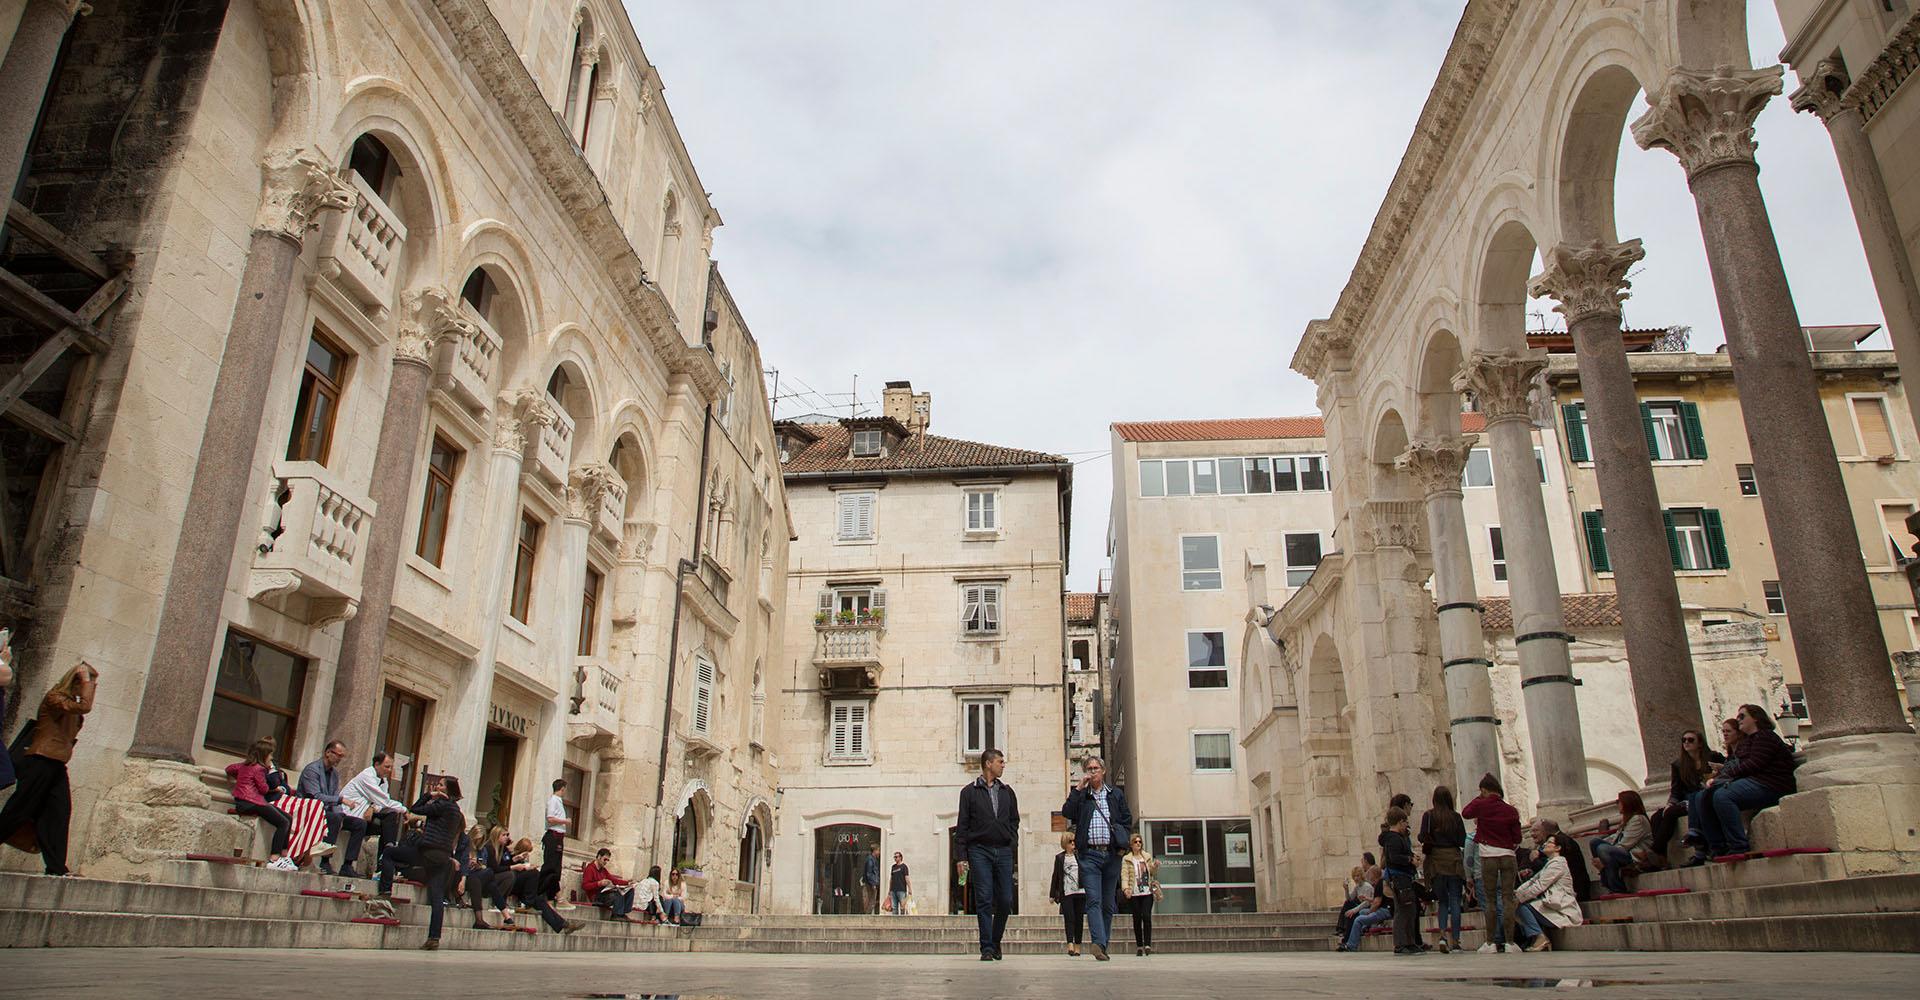 Proslava Dana Katoličkoga bogoslovnog fakulteta Sveučilišta u Splitu Katolički bogoslovni fakultet Sveučilišta u Splitu u četvrtak, 18. svibnja proslavit će svoj Dan te će u toj prigodi Fakultet dodijeliti nagrade najboljim studentima, kao i diplome i svjedodžbe.